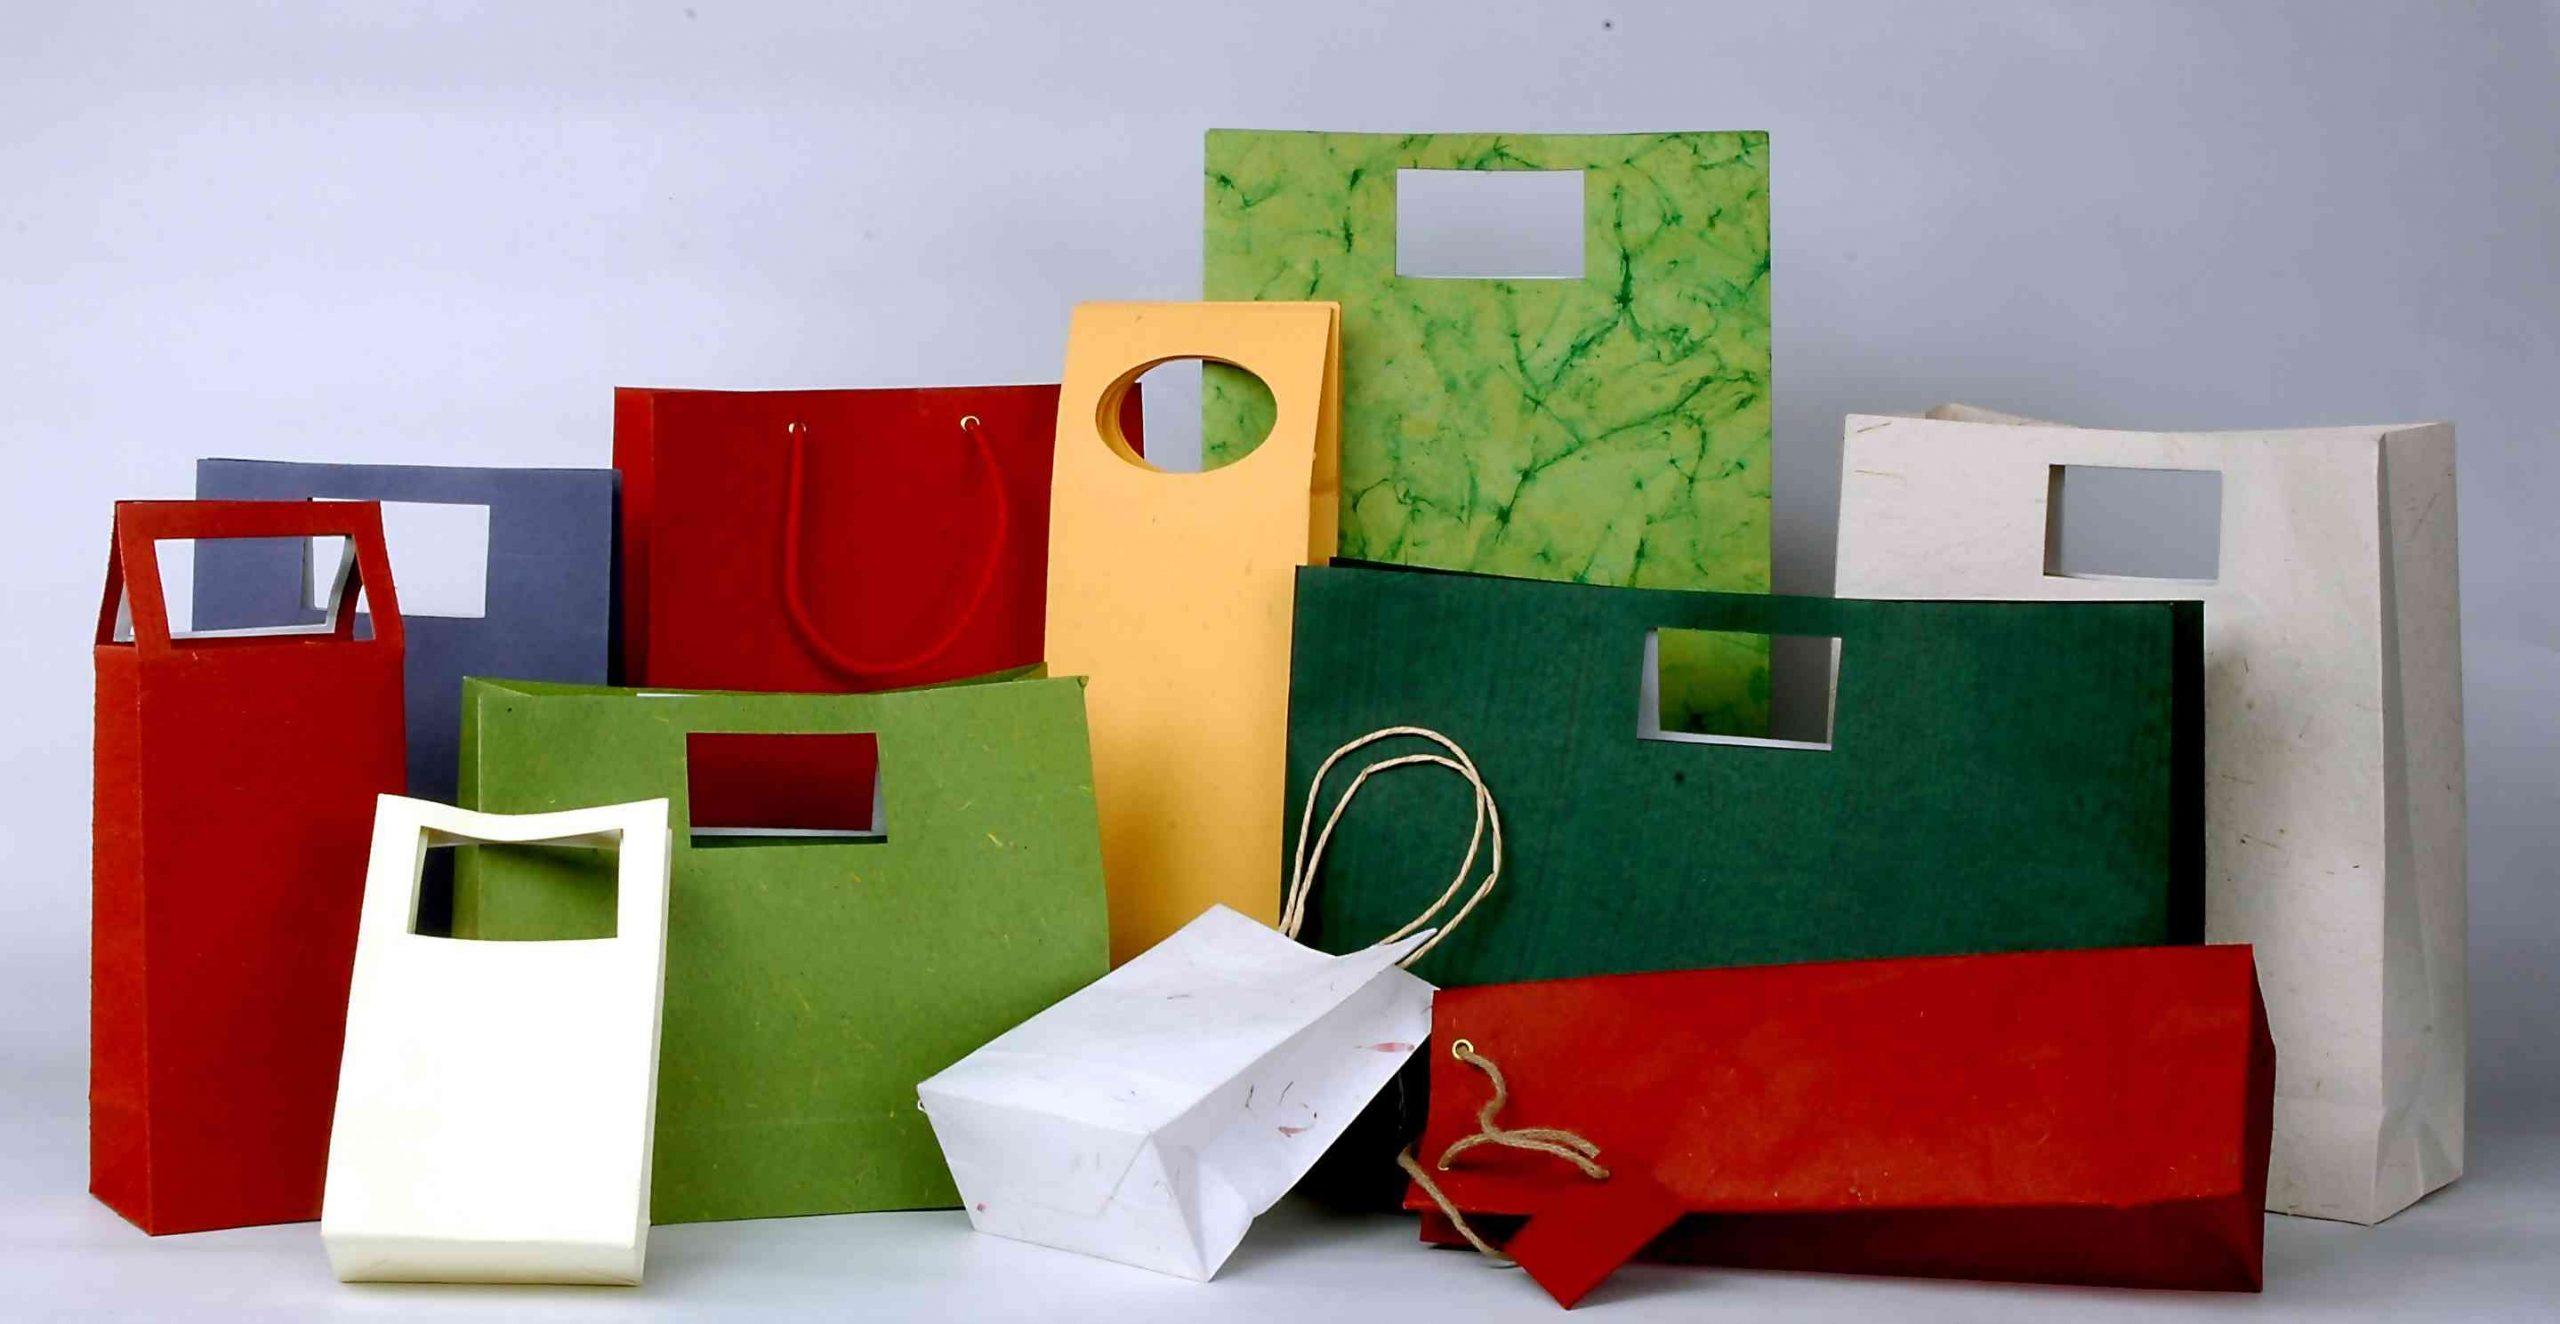 Cách in túi giấy phổ biến nhất hiện nay